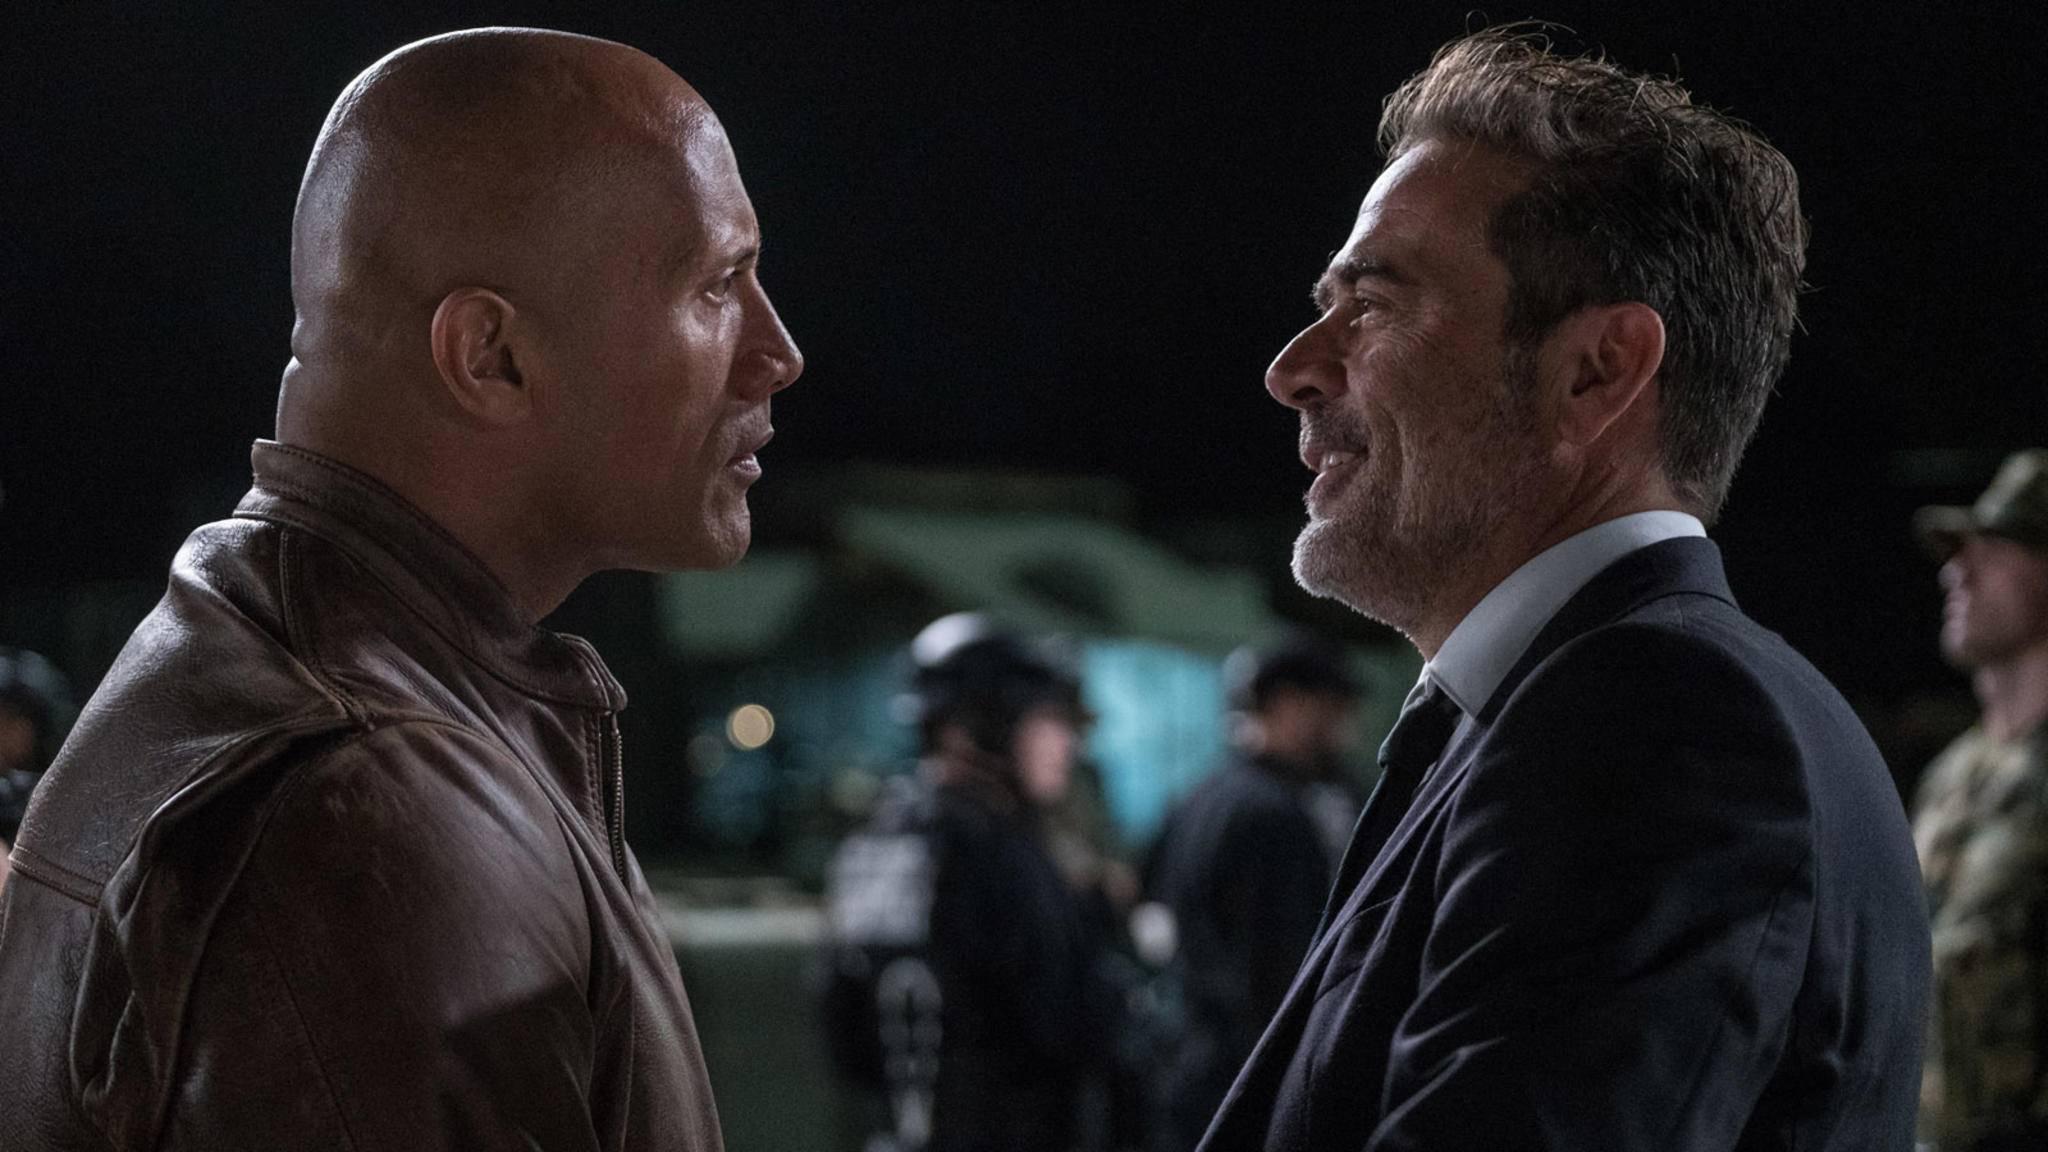 Wer den Kampf Hobbs vs. Negan wohl gewinnen würde? Jeffrey Dean Morgan (rechts) scheint sich zumindest für den härteren Kerl zu halten.